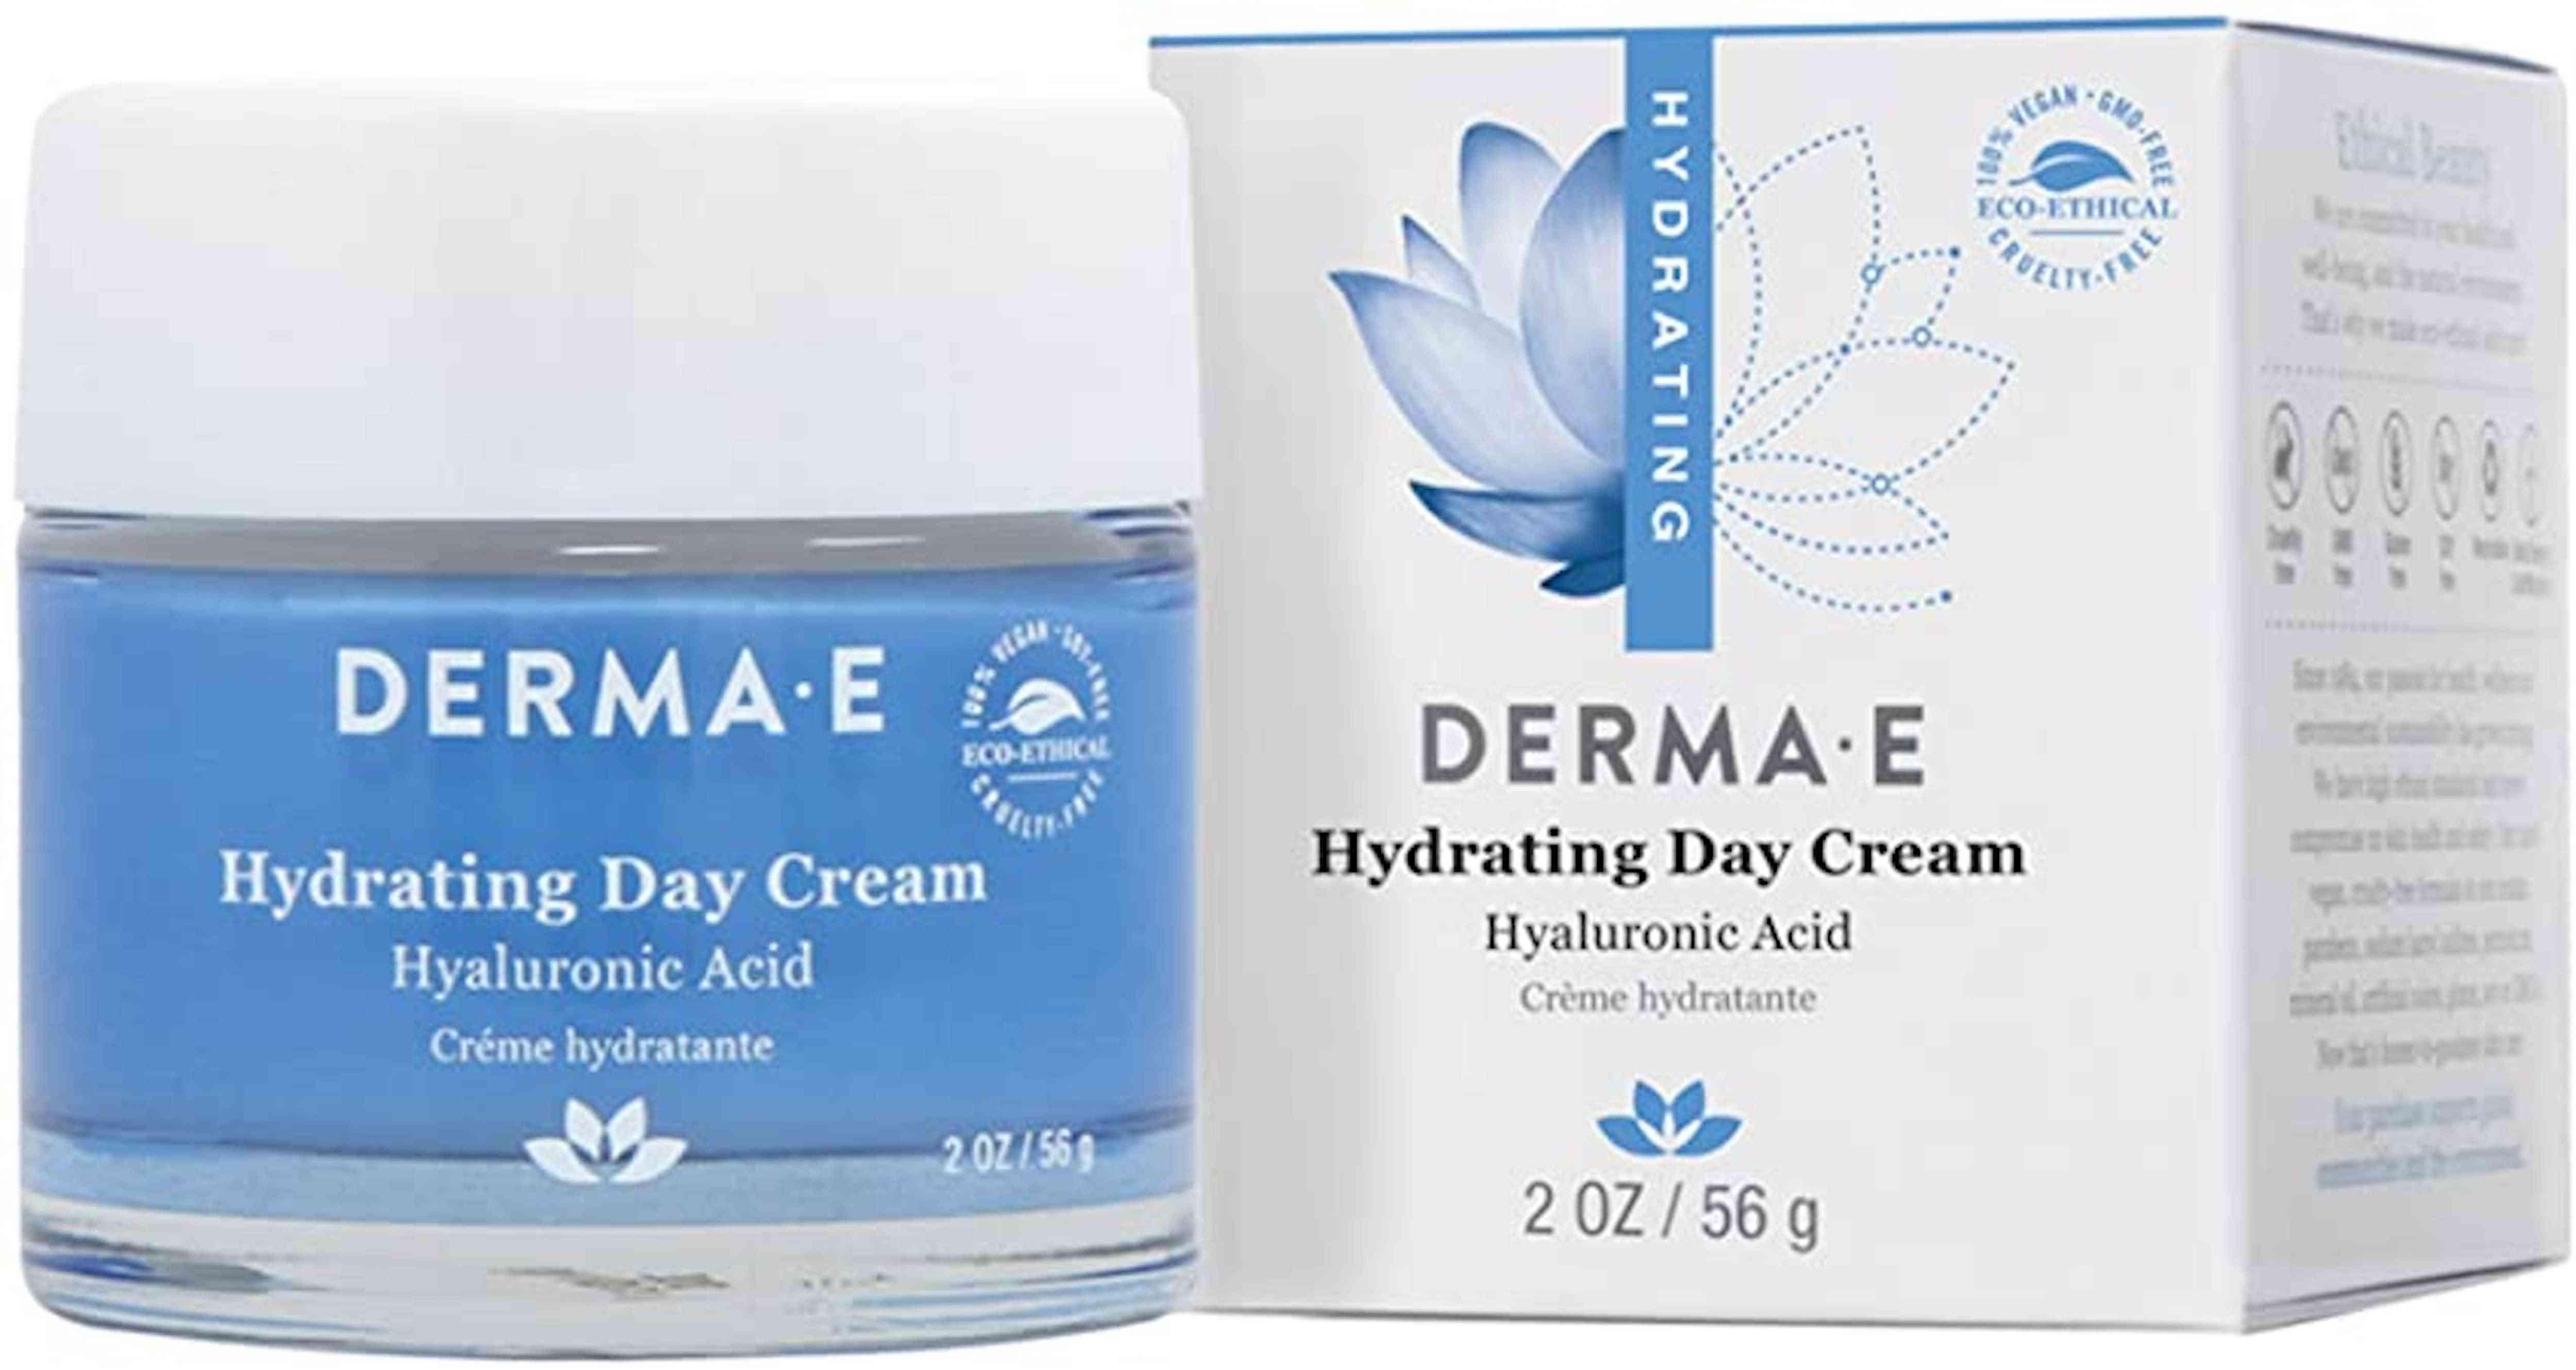 Derma E Hydrating Cream